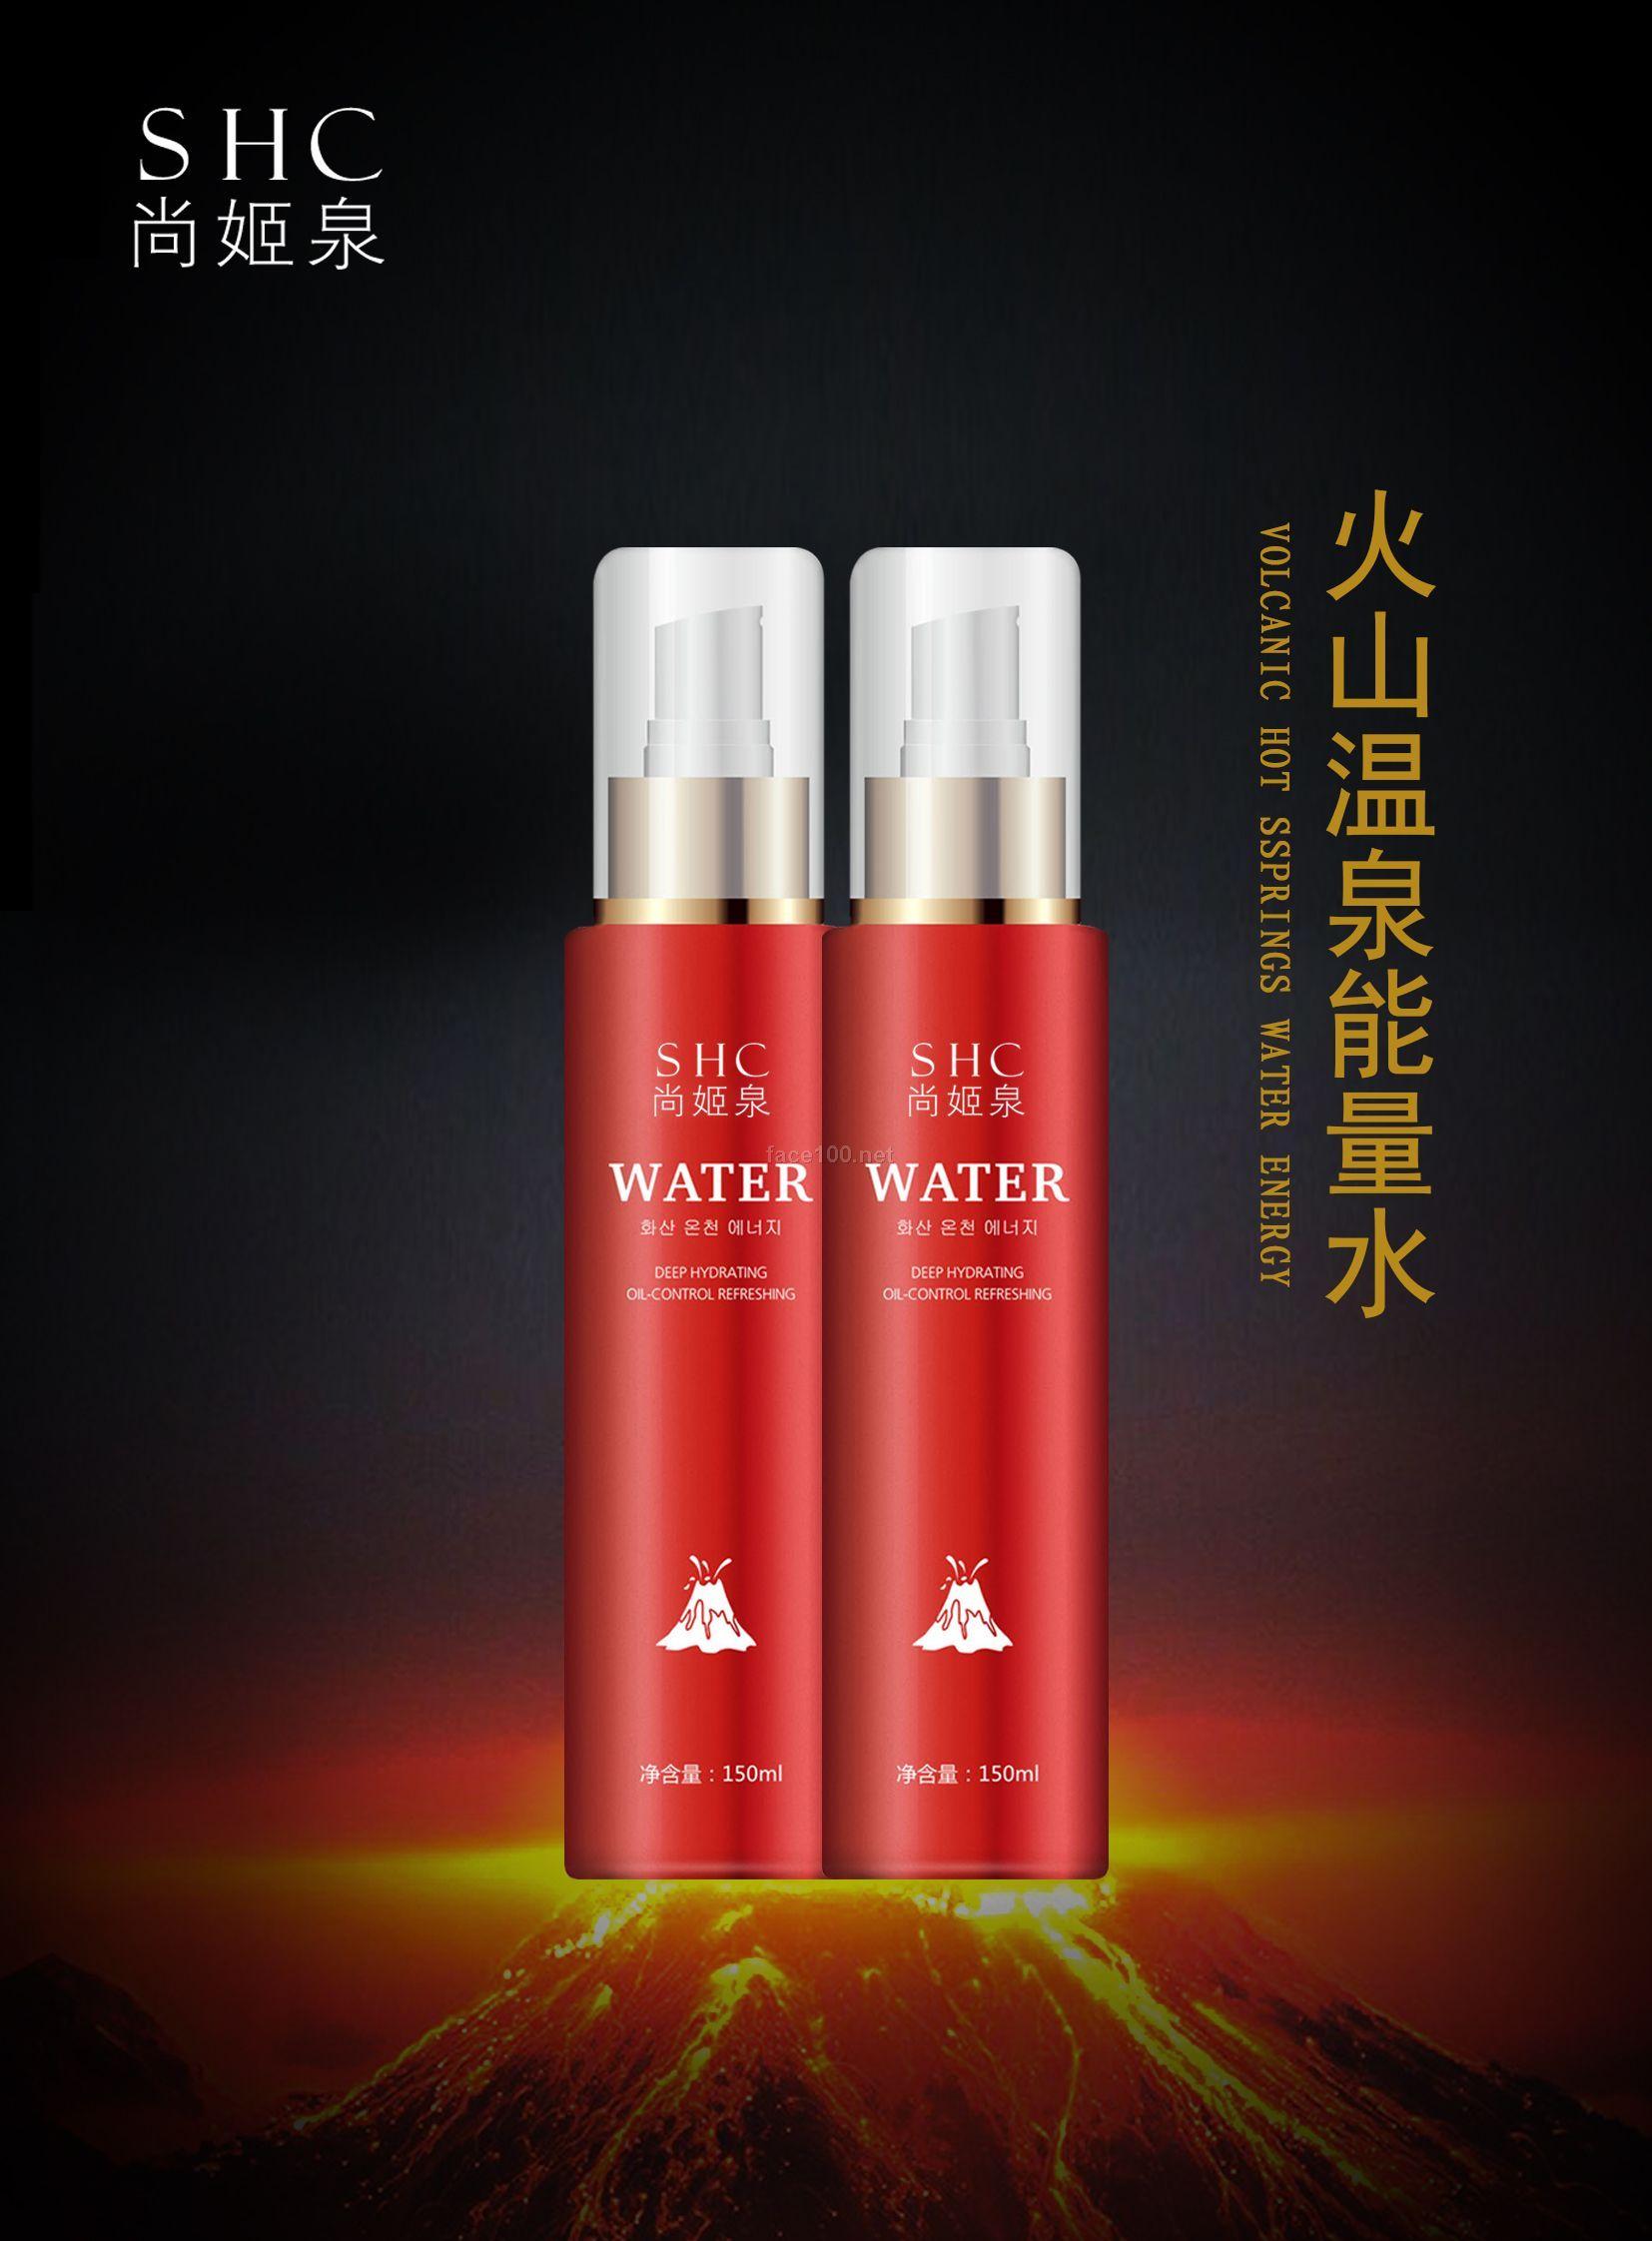 火山温泉能量水